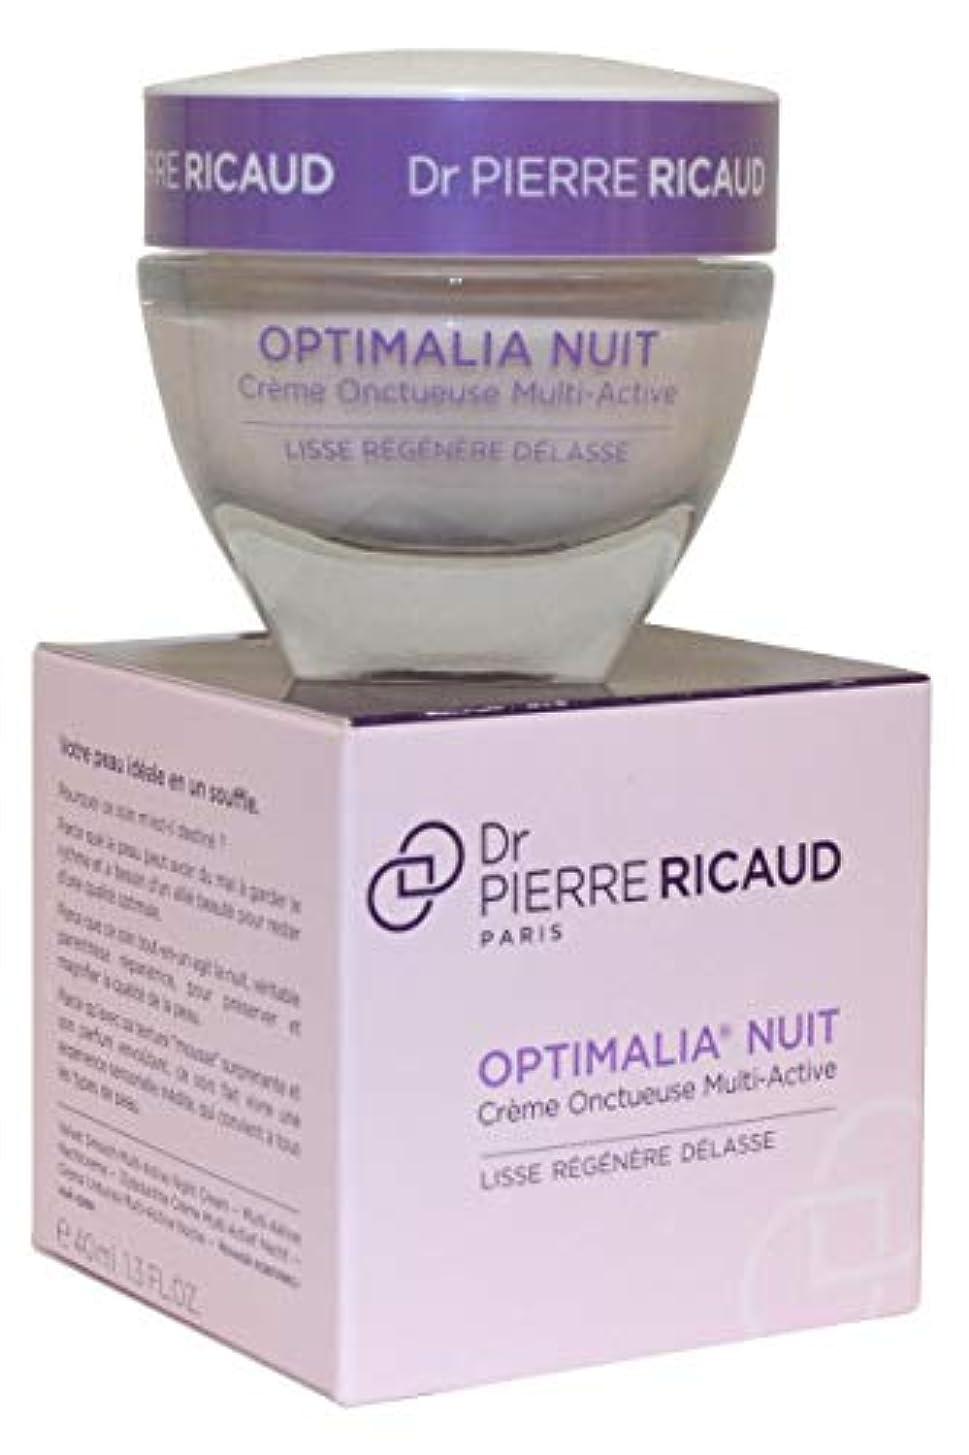 拒否ゲージ手錠ドクター ピエール リコー Optimalia Nuit Velvet Smooth Multi-Active Night Cream 40ml/1.3oz並行輸入品